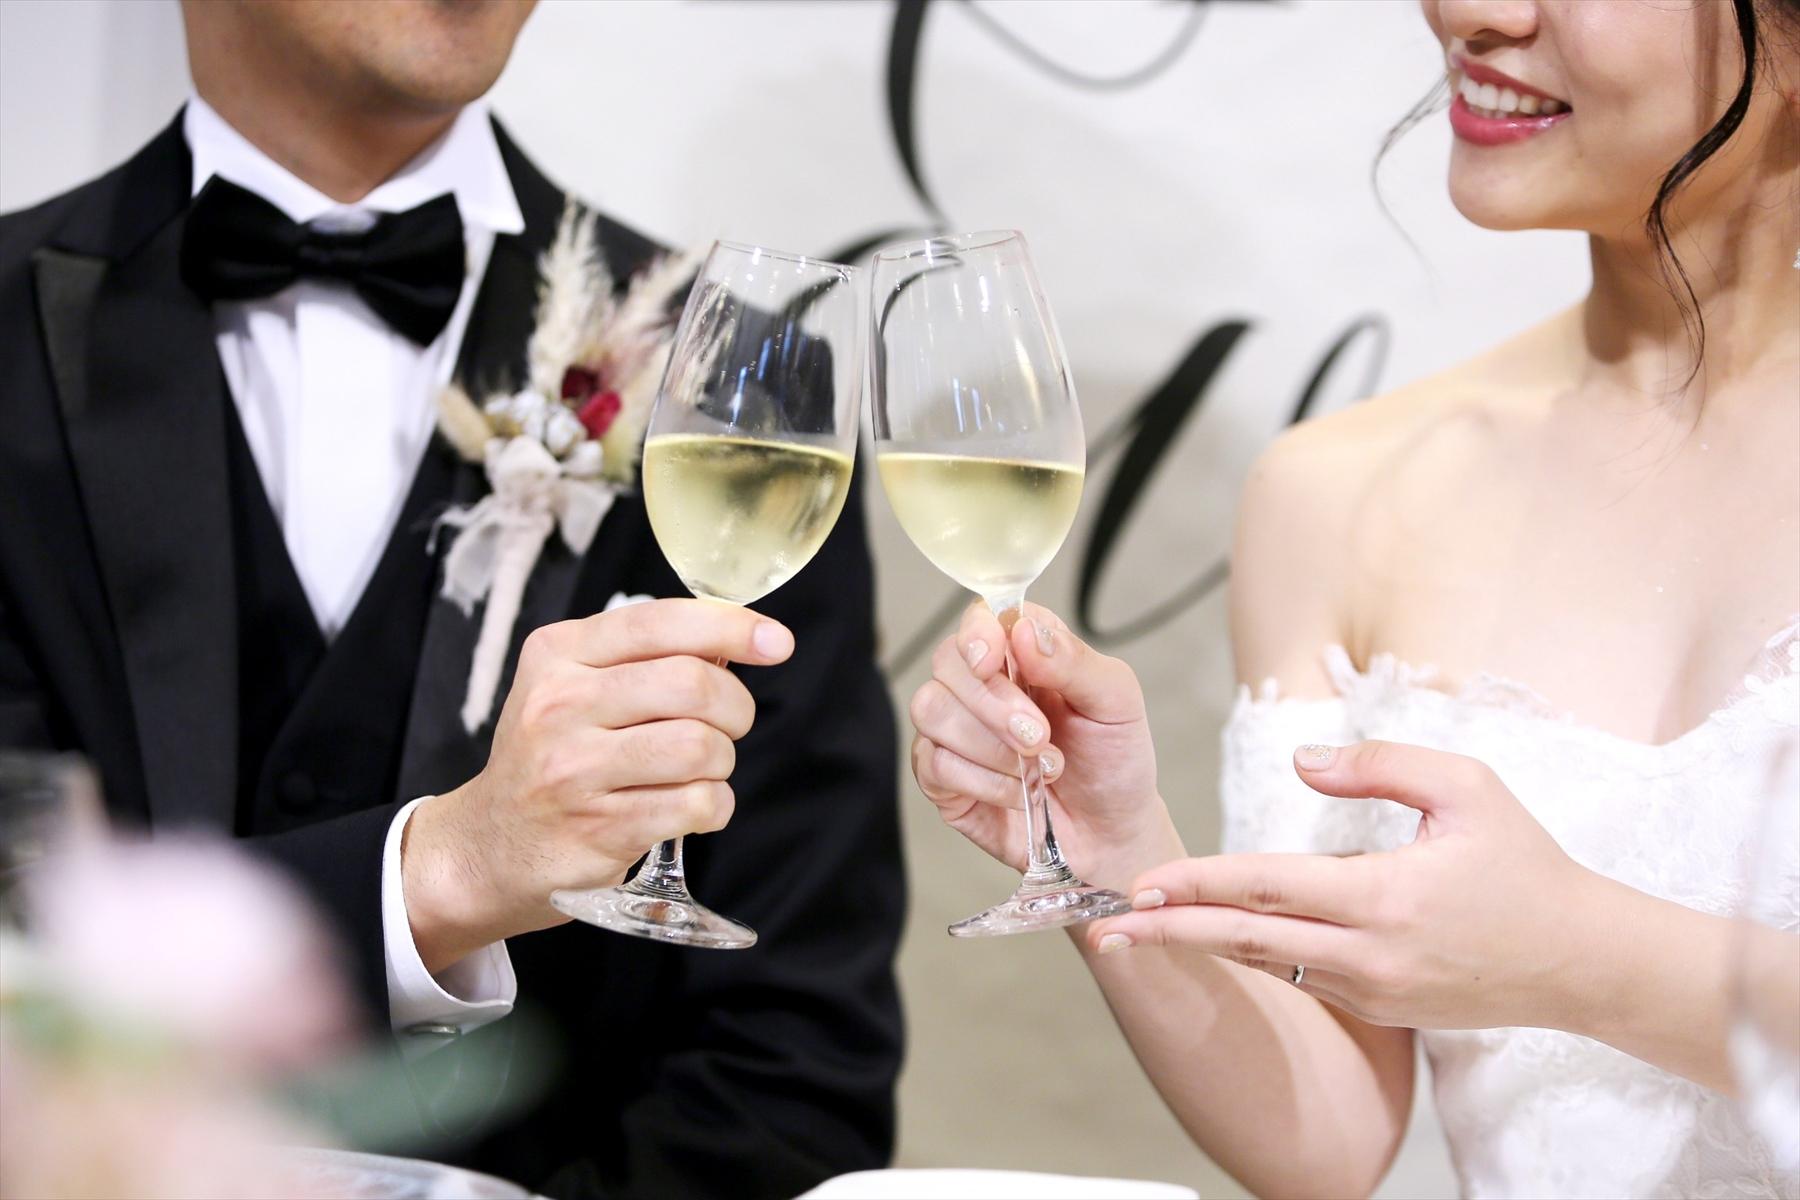 アニバーサリーアン恵比寿 カップルレポート パーティ会場 ご新郎ご新婦 乾杯